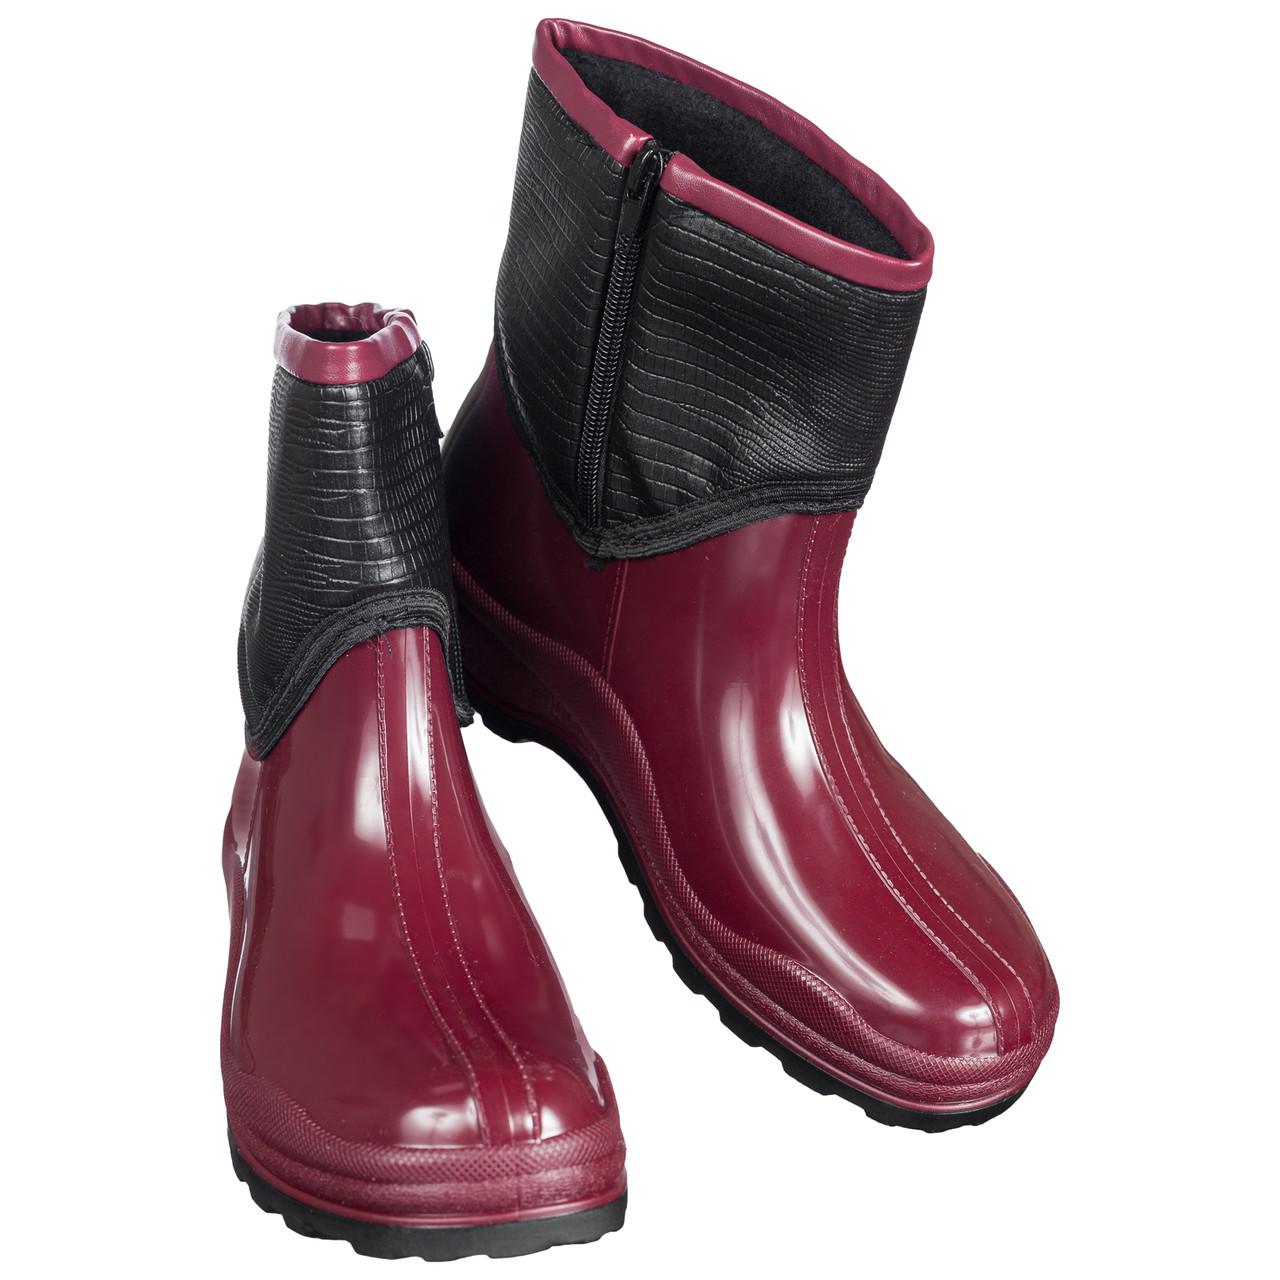 Ботинки полусапожки резиновые непромокаемые утепленные флисом по всей длине бордовые 37 размер b-433